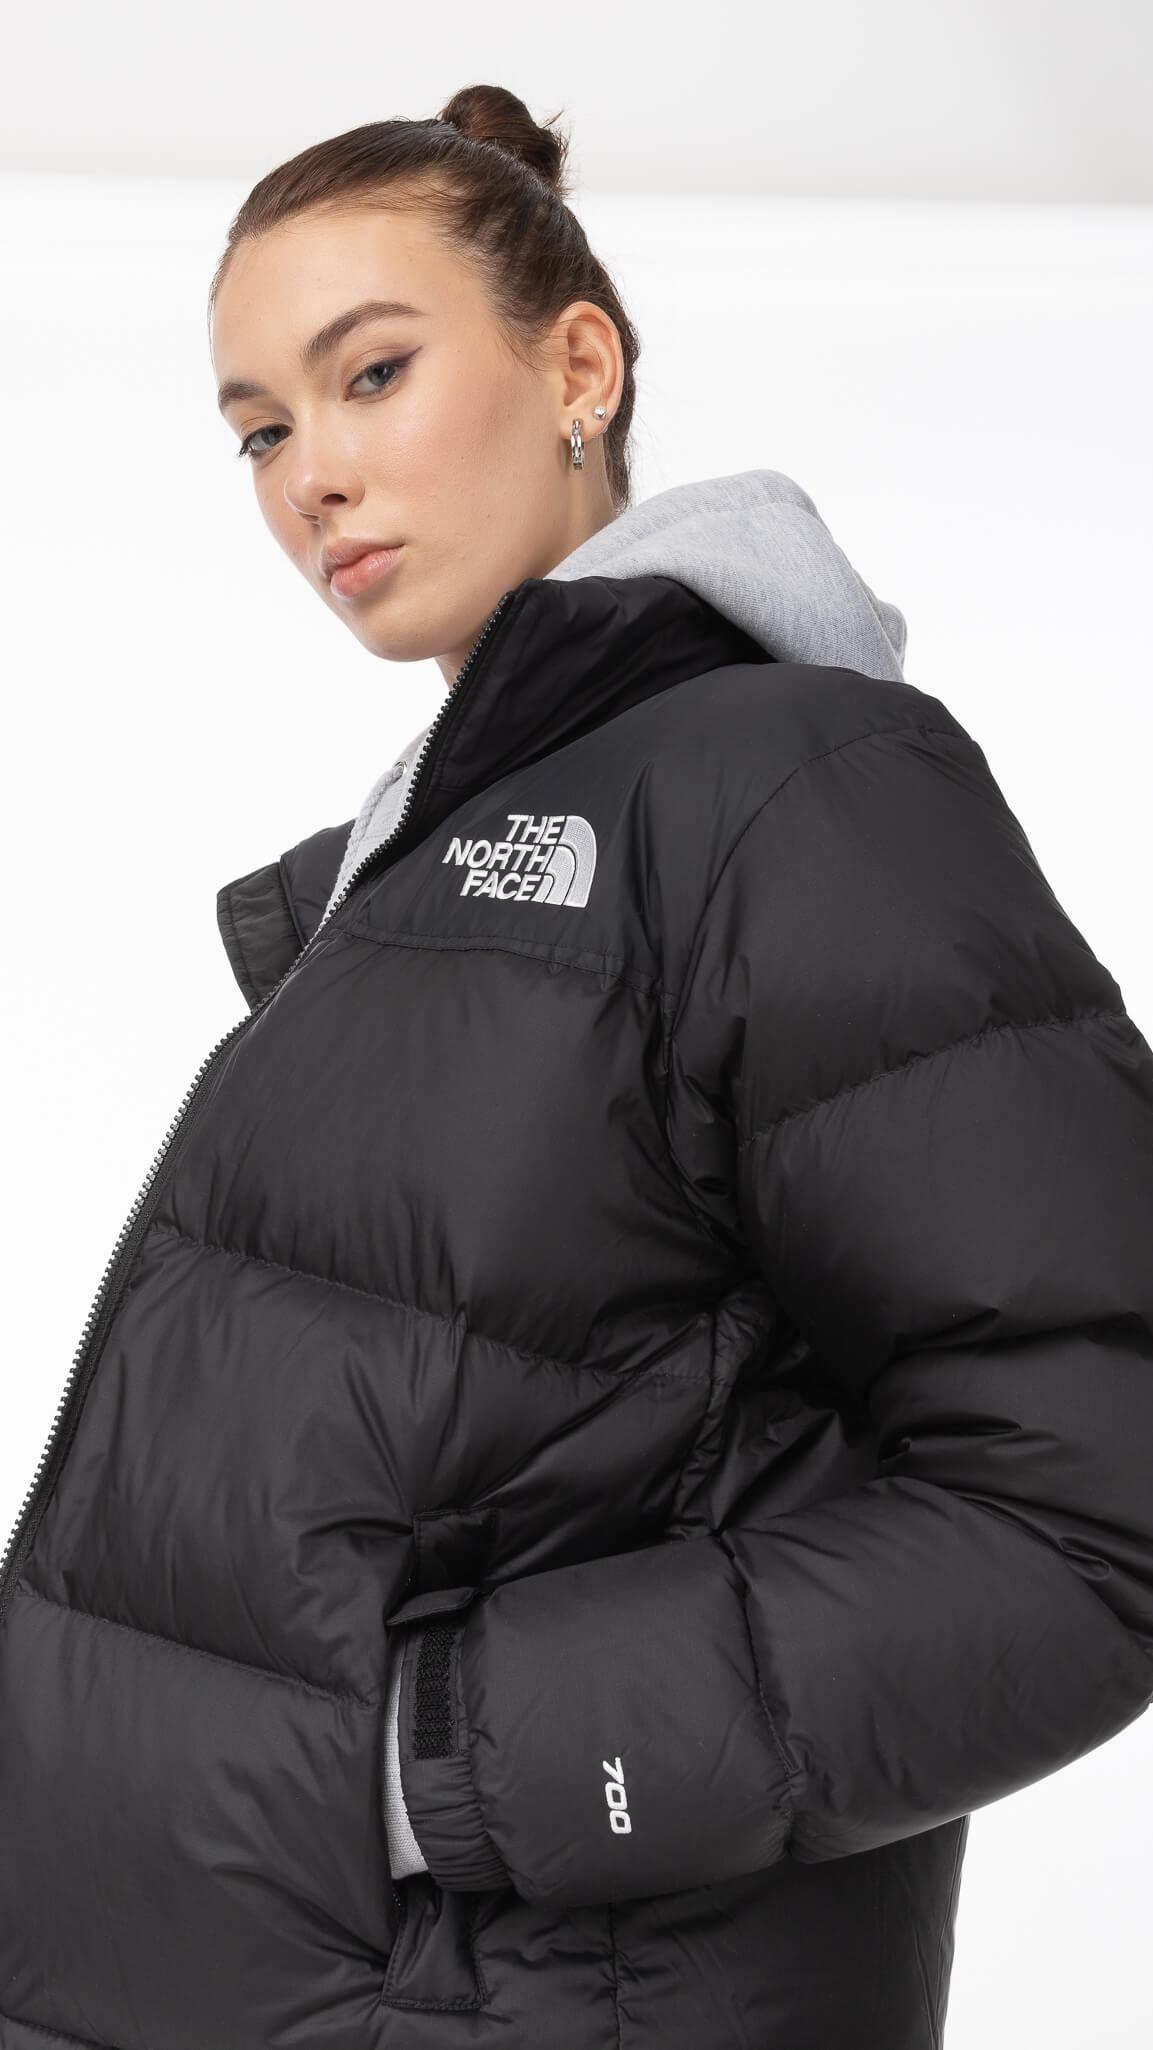 Black 1996 Retro Nuptse Jacket North Face Jacket Outfit North Face Puffer Black North Face Puffer [ 2050 x 1153 Pixel ]